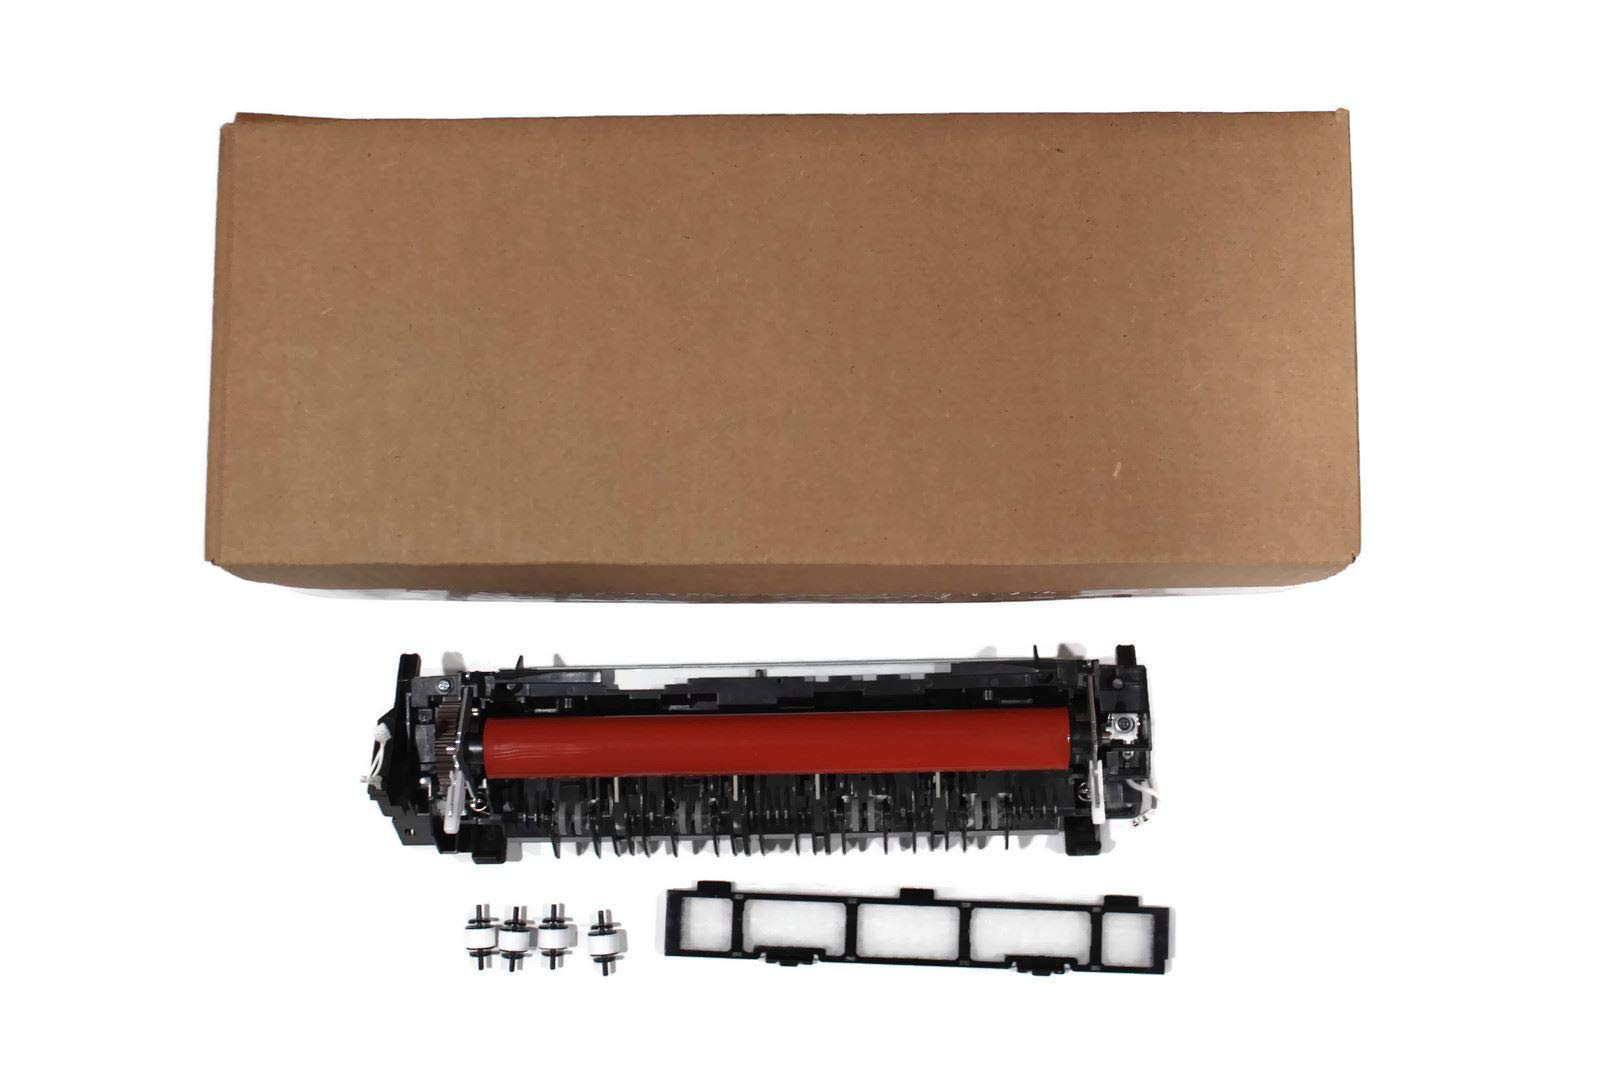 TM-toner Compatible D00C54001 FUSER Unit 115V (SP) for use in Brother MFC-L8600CDW MFC-L8850CDW MFC-L9550CDW HL-L8250CDN HL-L8350CDW HL-L8350CDWT HL-L9200CDWT Printer